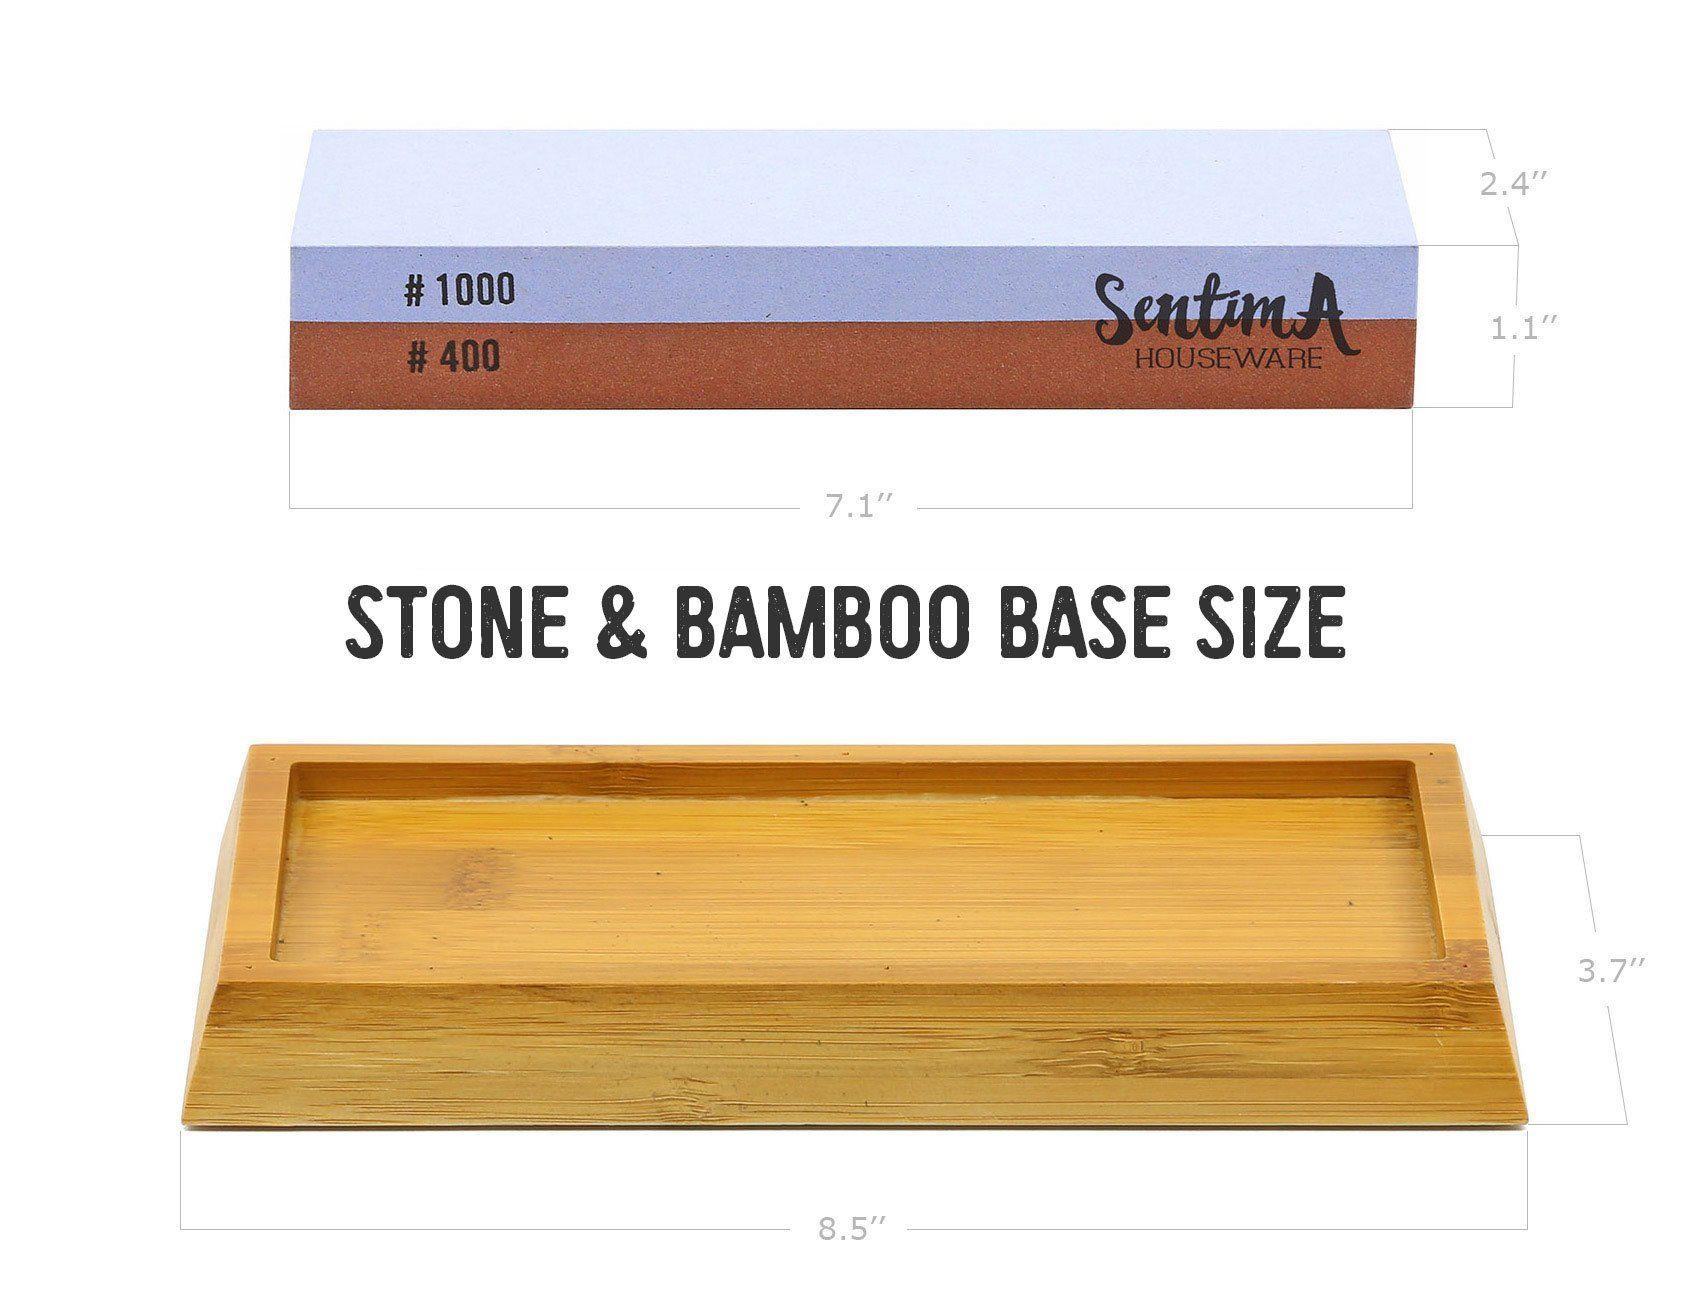 Whetstone Knife Sharpening Stone Knife Sharpener Stone Best 400 1000 Grit Wet Stones Kit Premium W In 2020 Knife Sharpening Stone Knife Sharpening Sharpening Stone